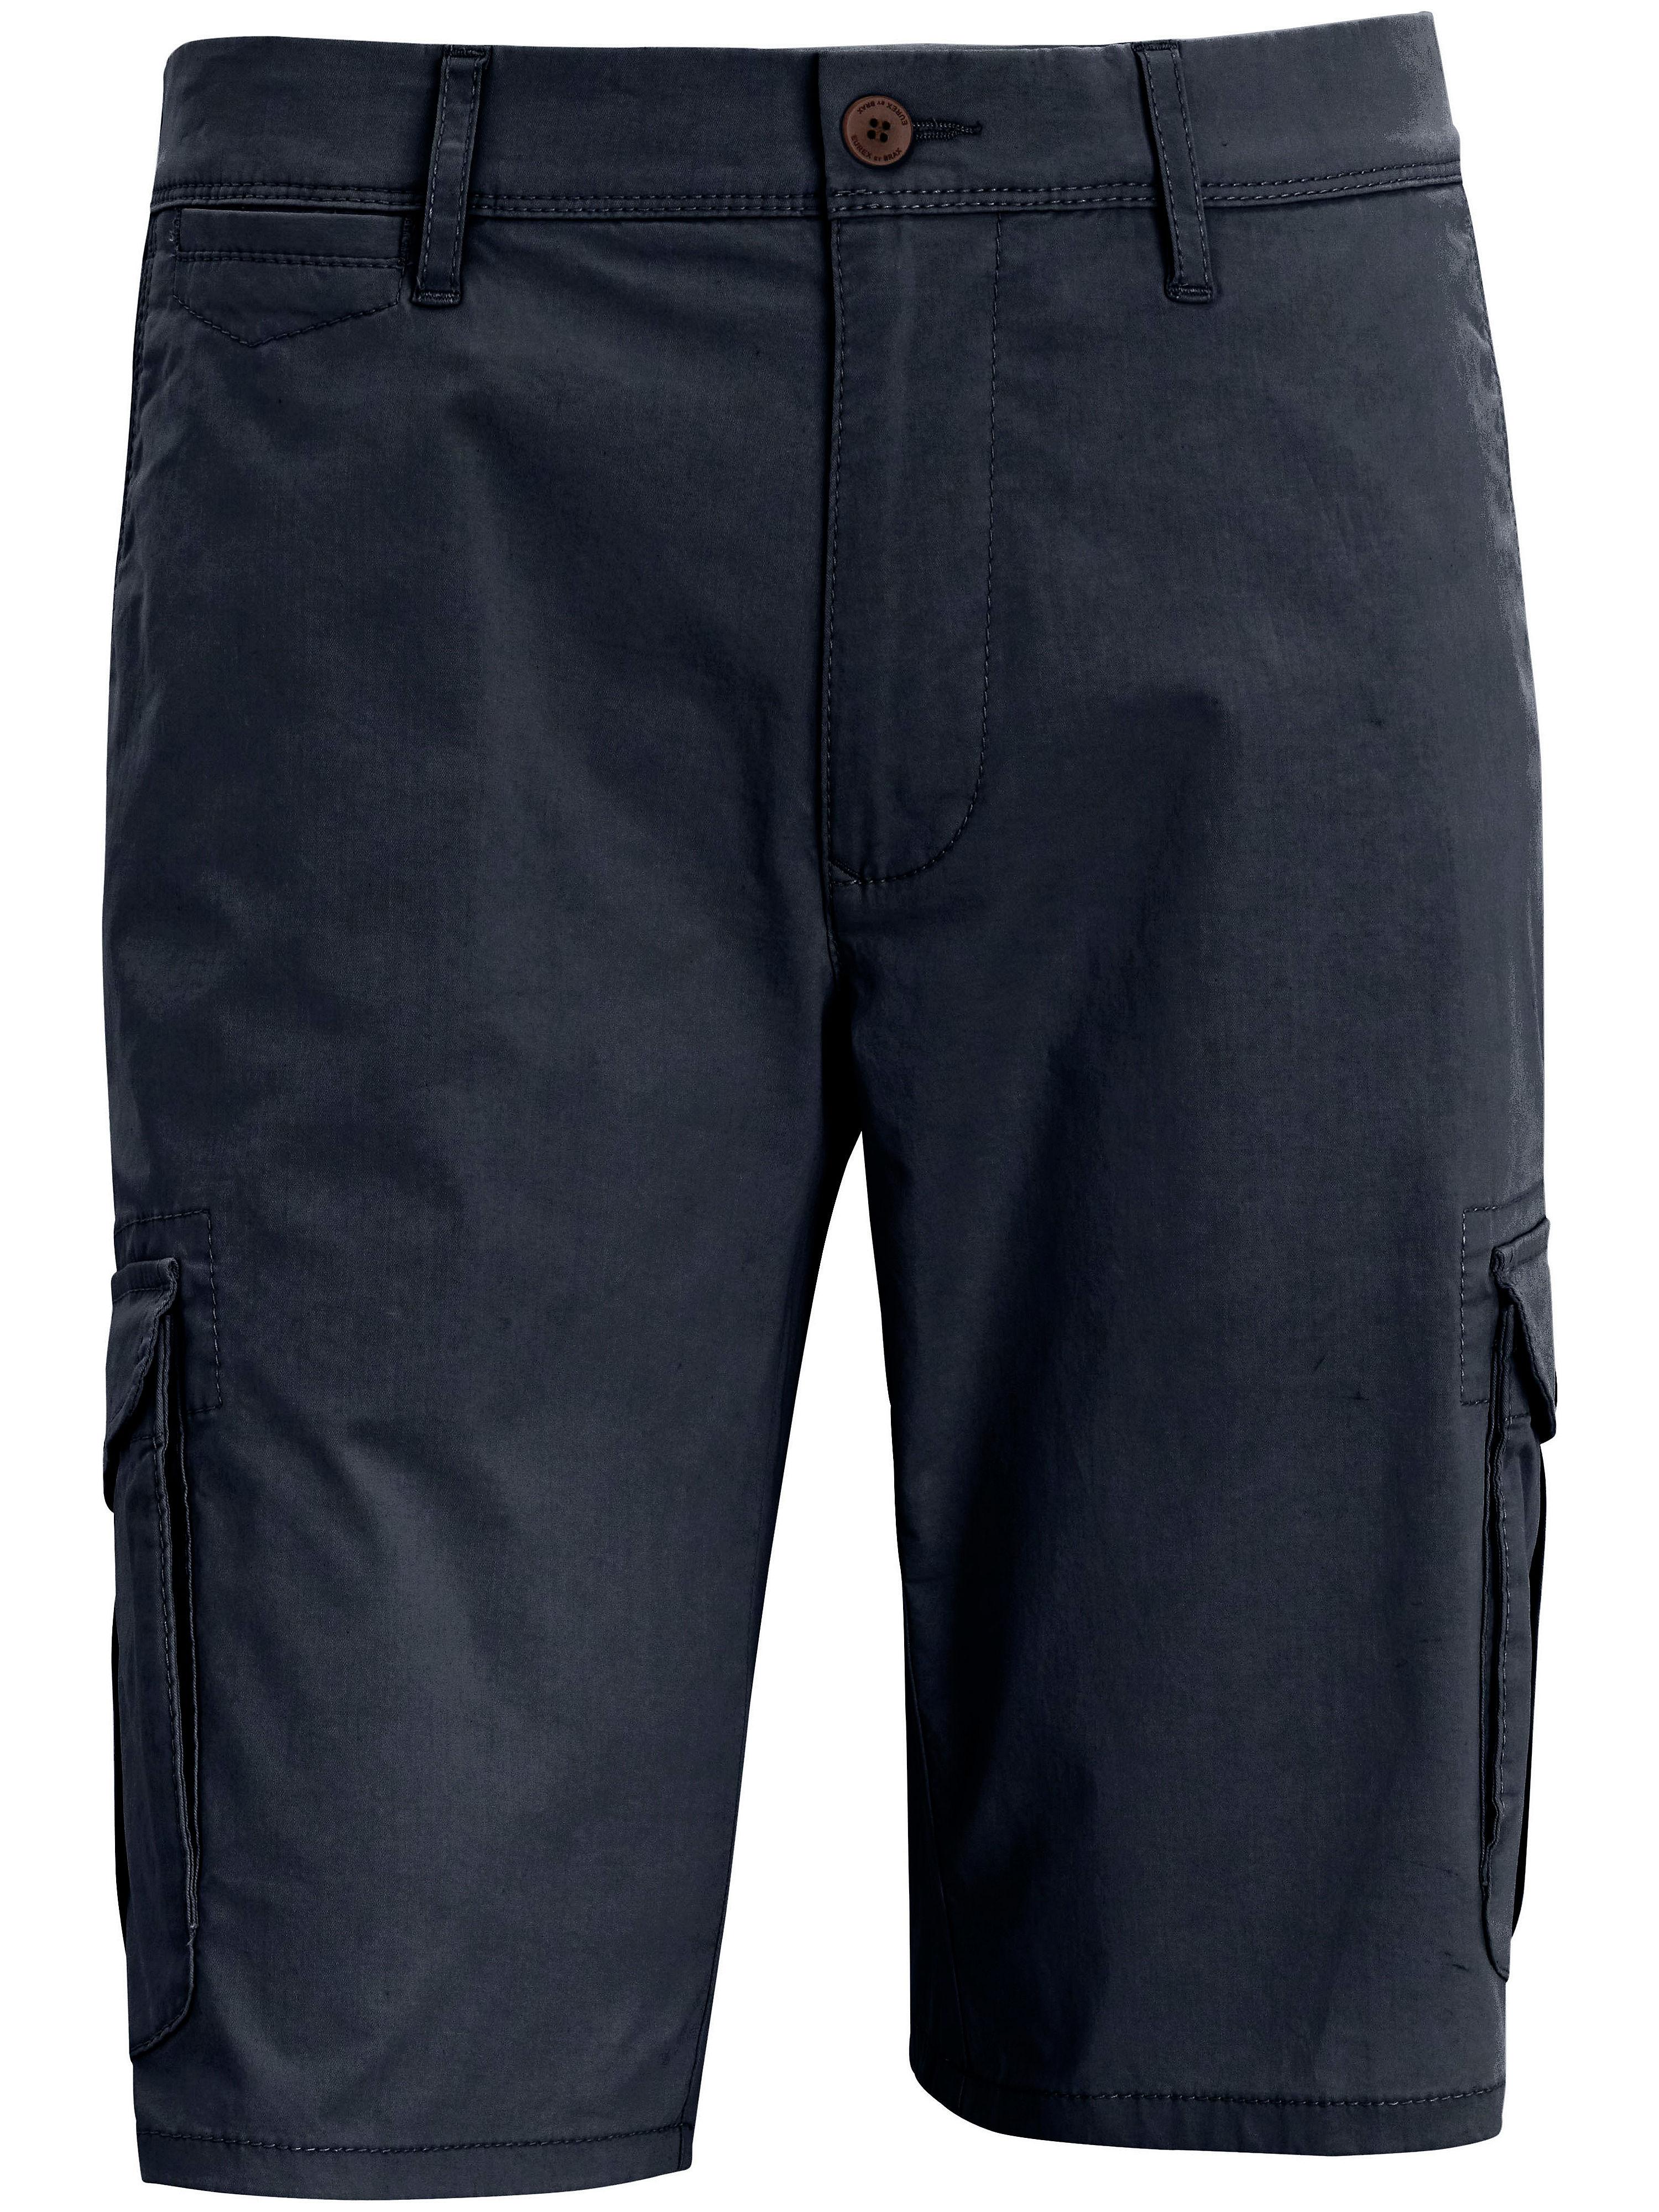 Cargo-Shorts Eurex by Brax blau Größe: 48